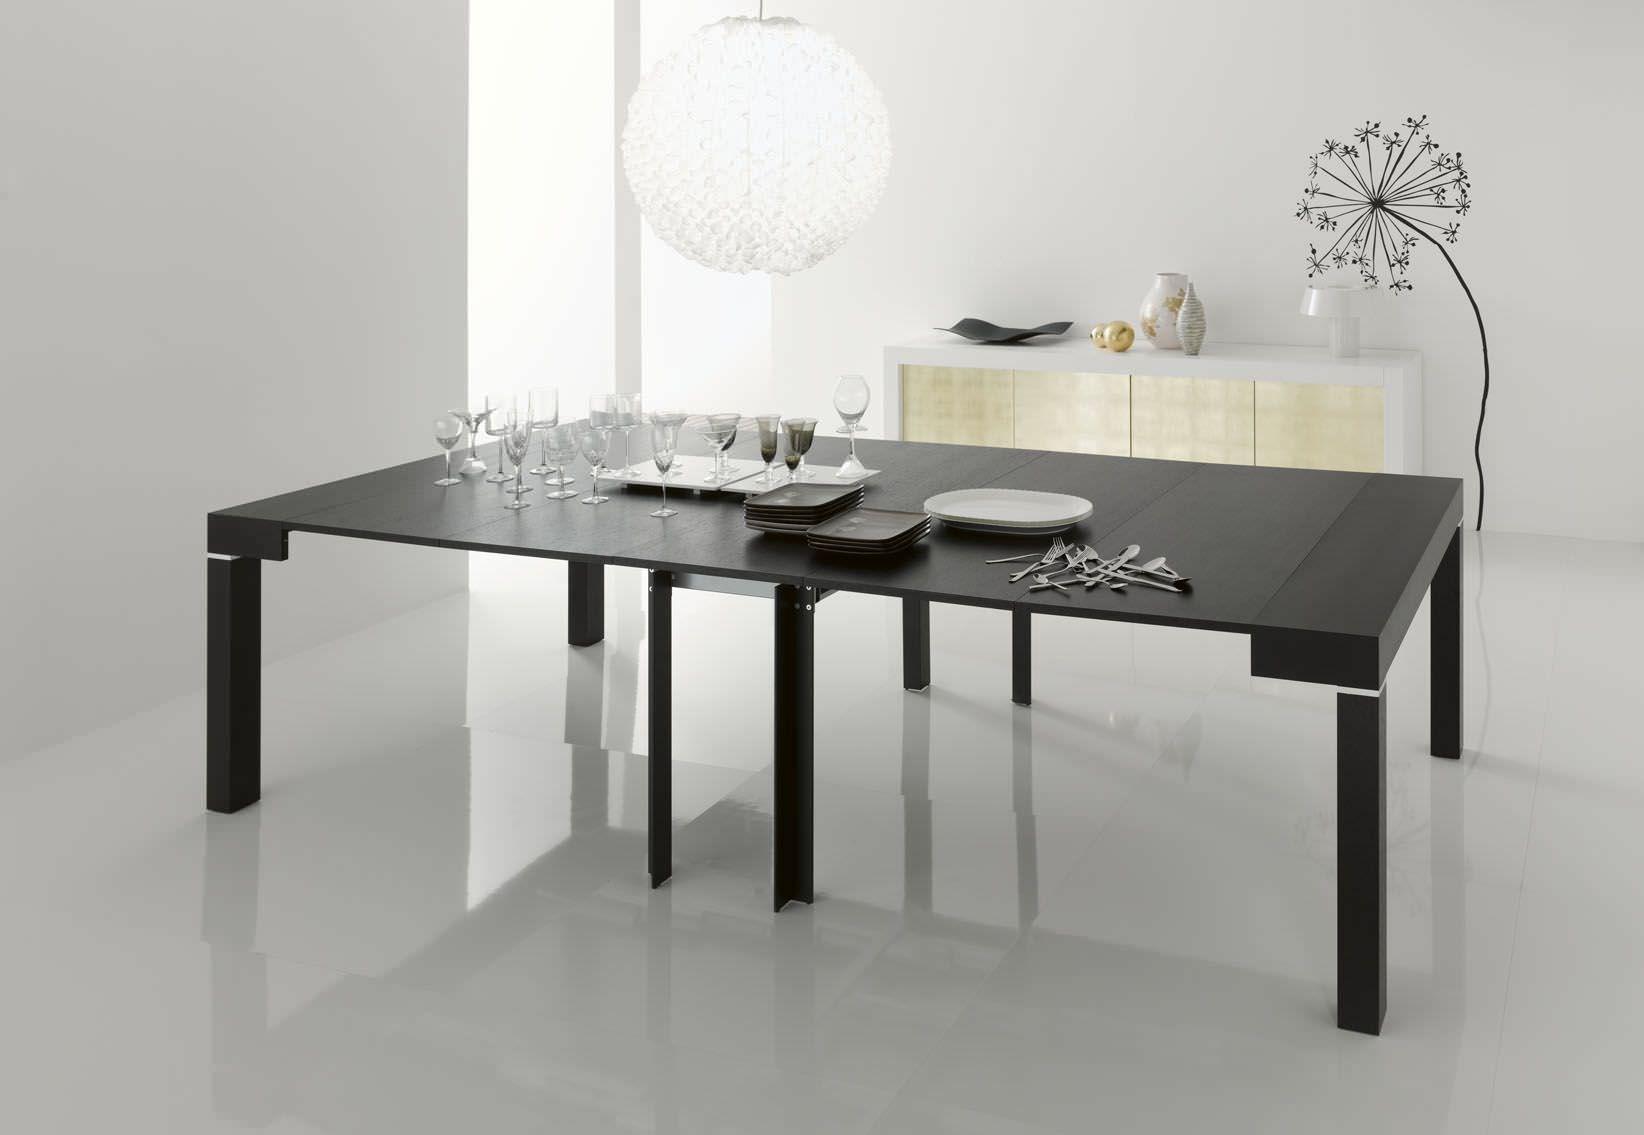 Idee da salotto: tavoli consolle allungabili di design